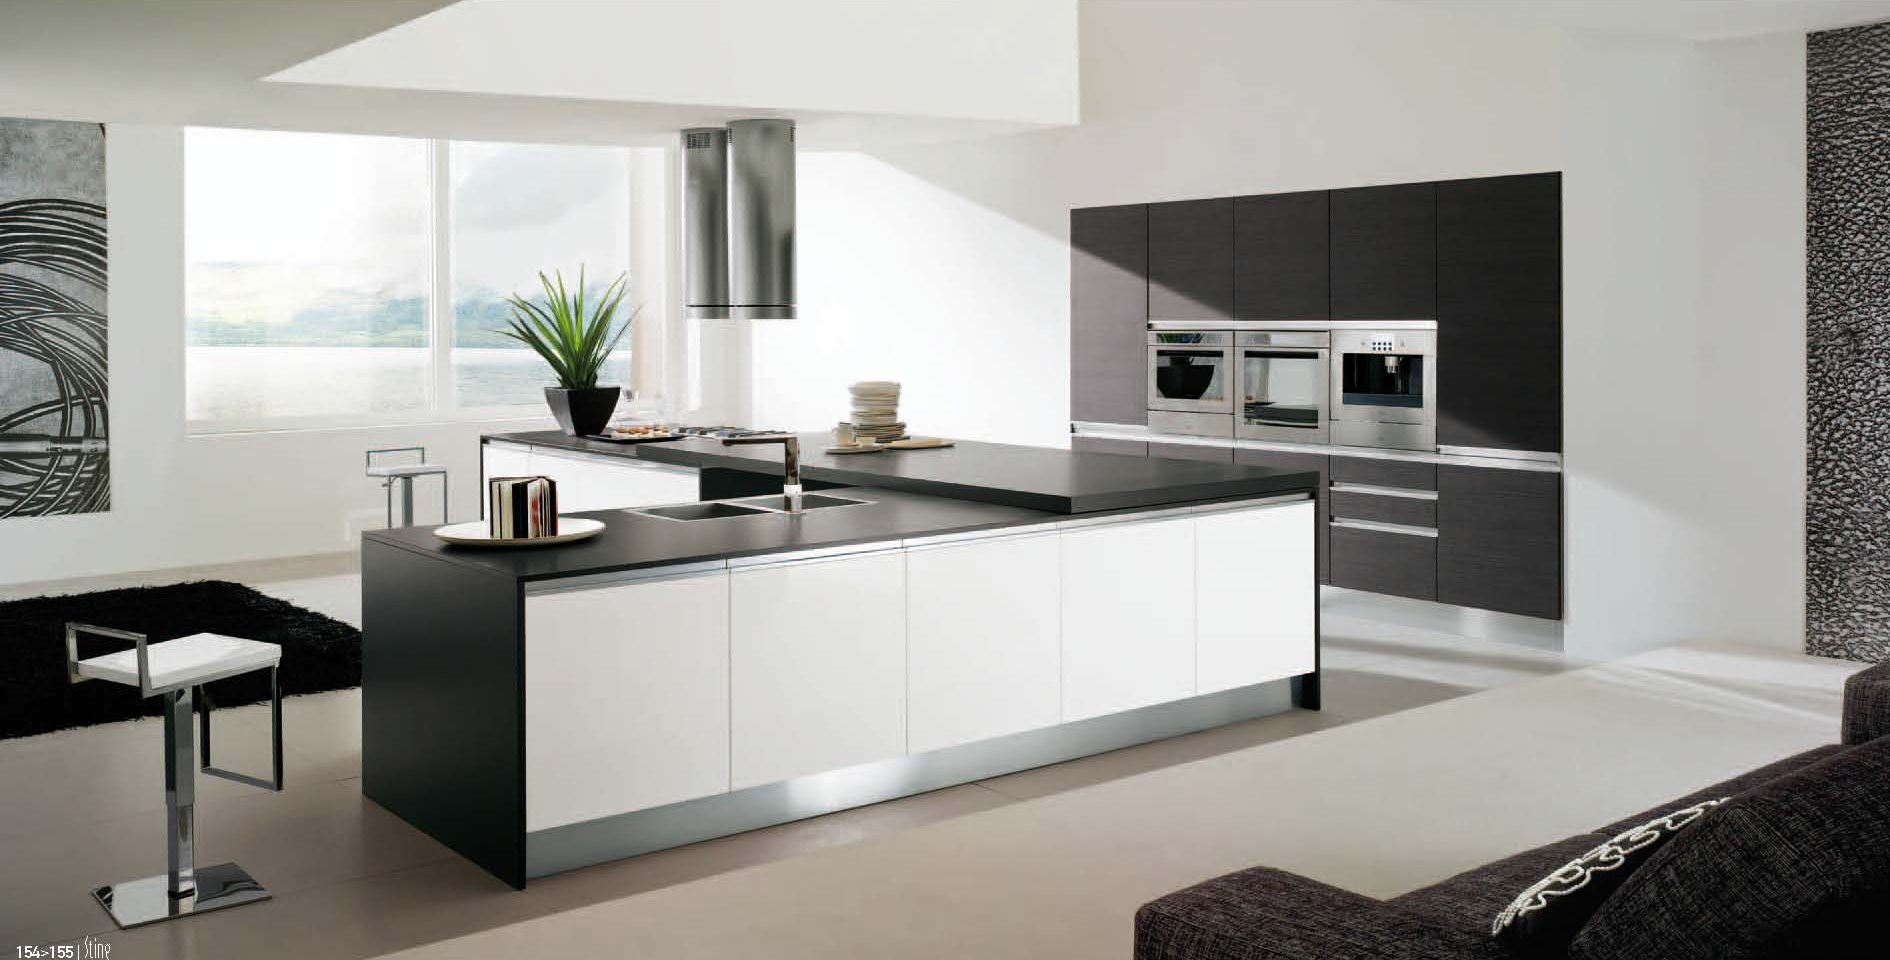 Cucina in laminato bianco arredamento moderno - Laminato in cucina ...